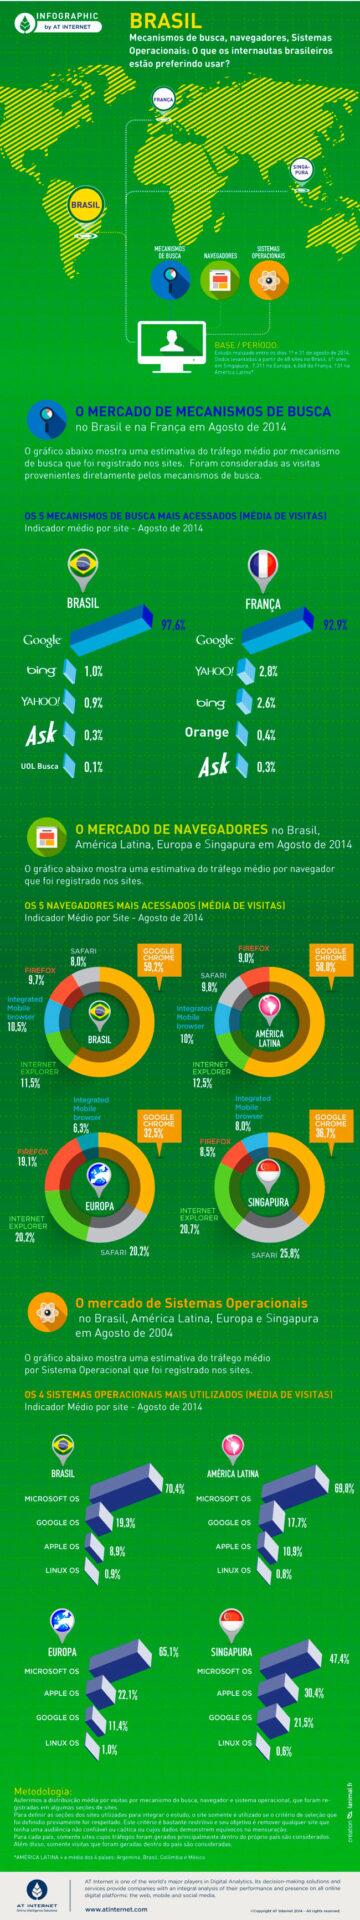 O que os brasileiros preferem ao navegar pela internet